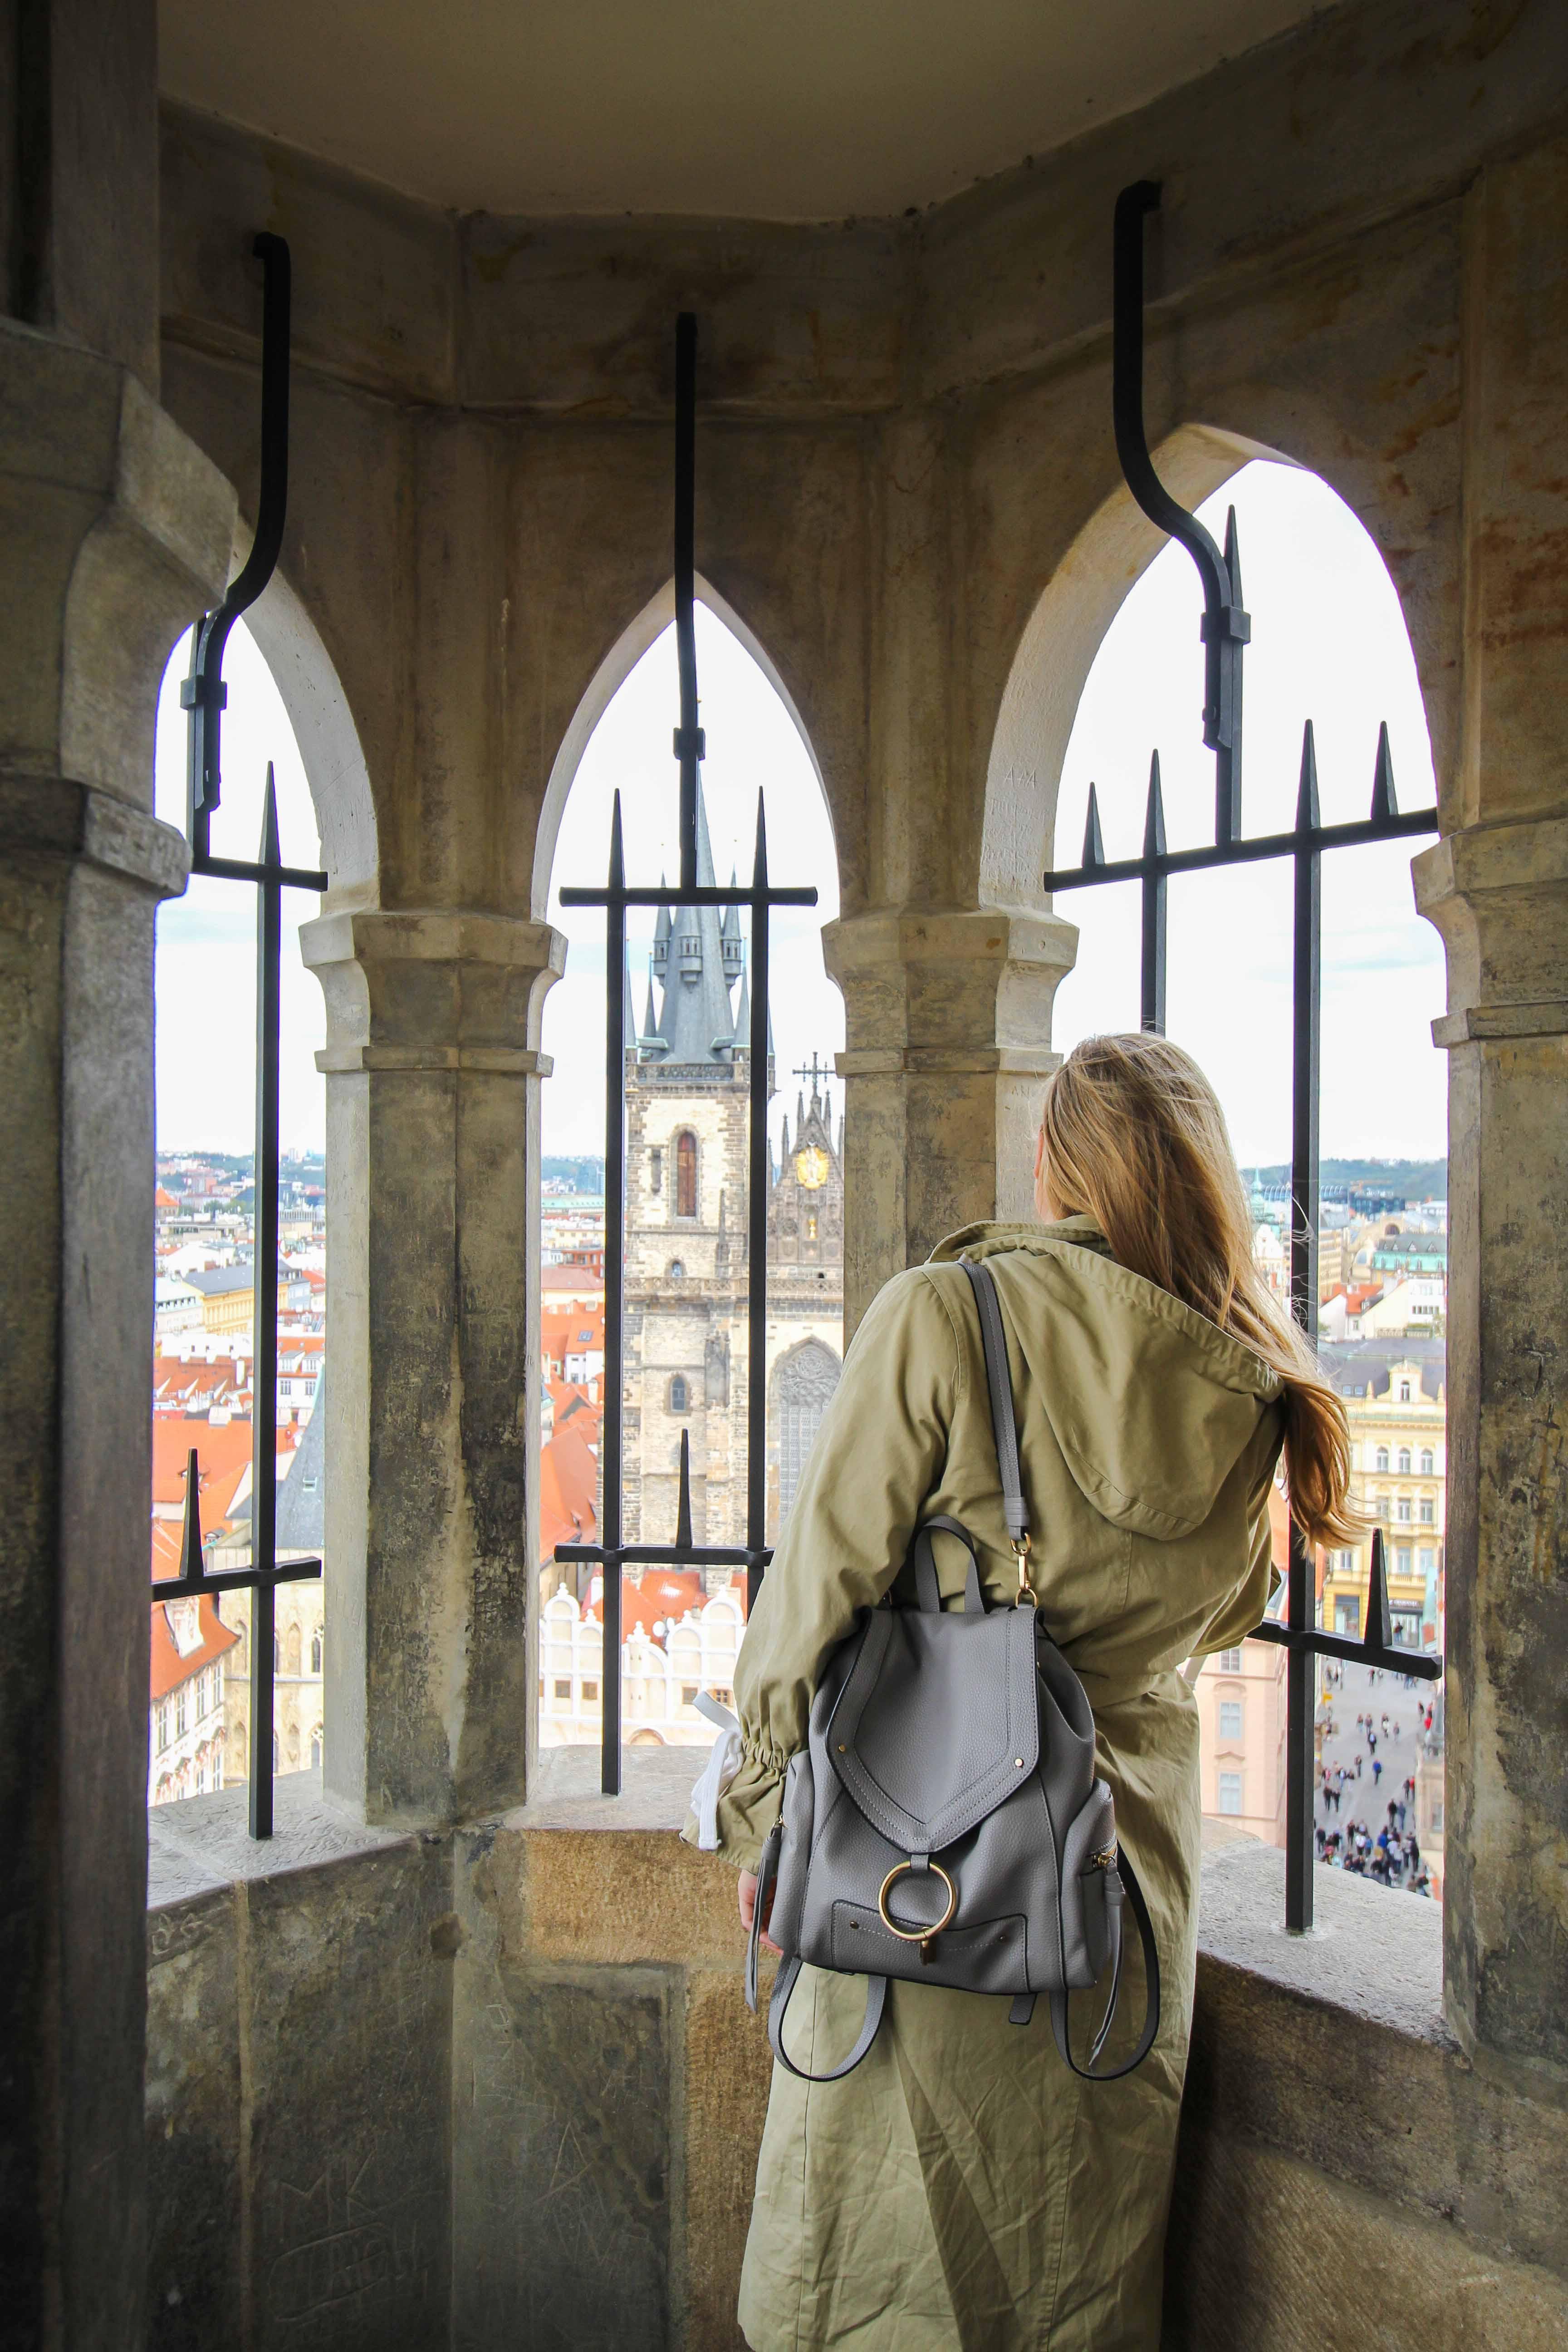 Top 10 Tipps Kurztrip Prag altes Rathaus Rathausturm Ausblick Sehenswürdigkeiten Prag Insidertipps Reiseblog Brinisfashionbook